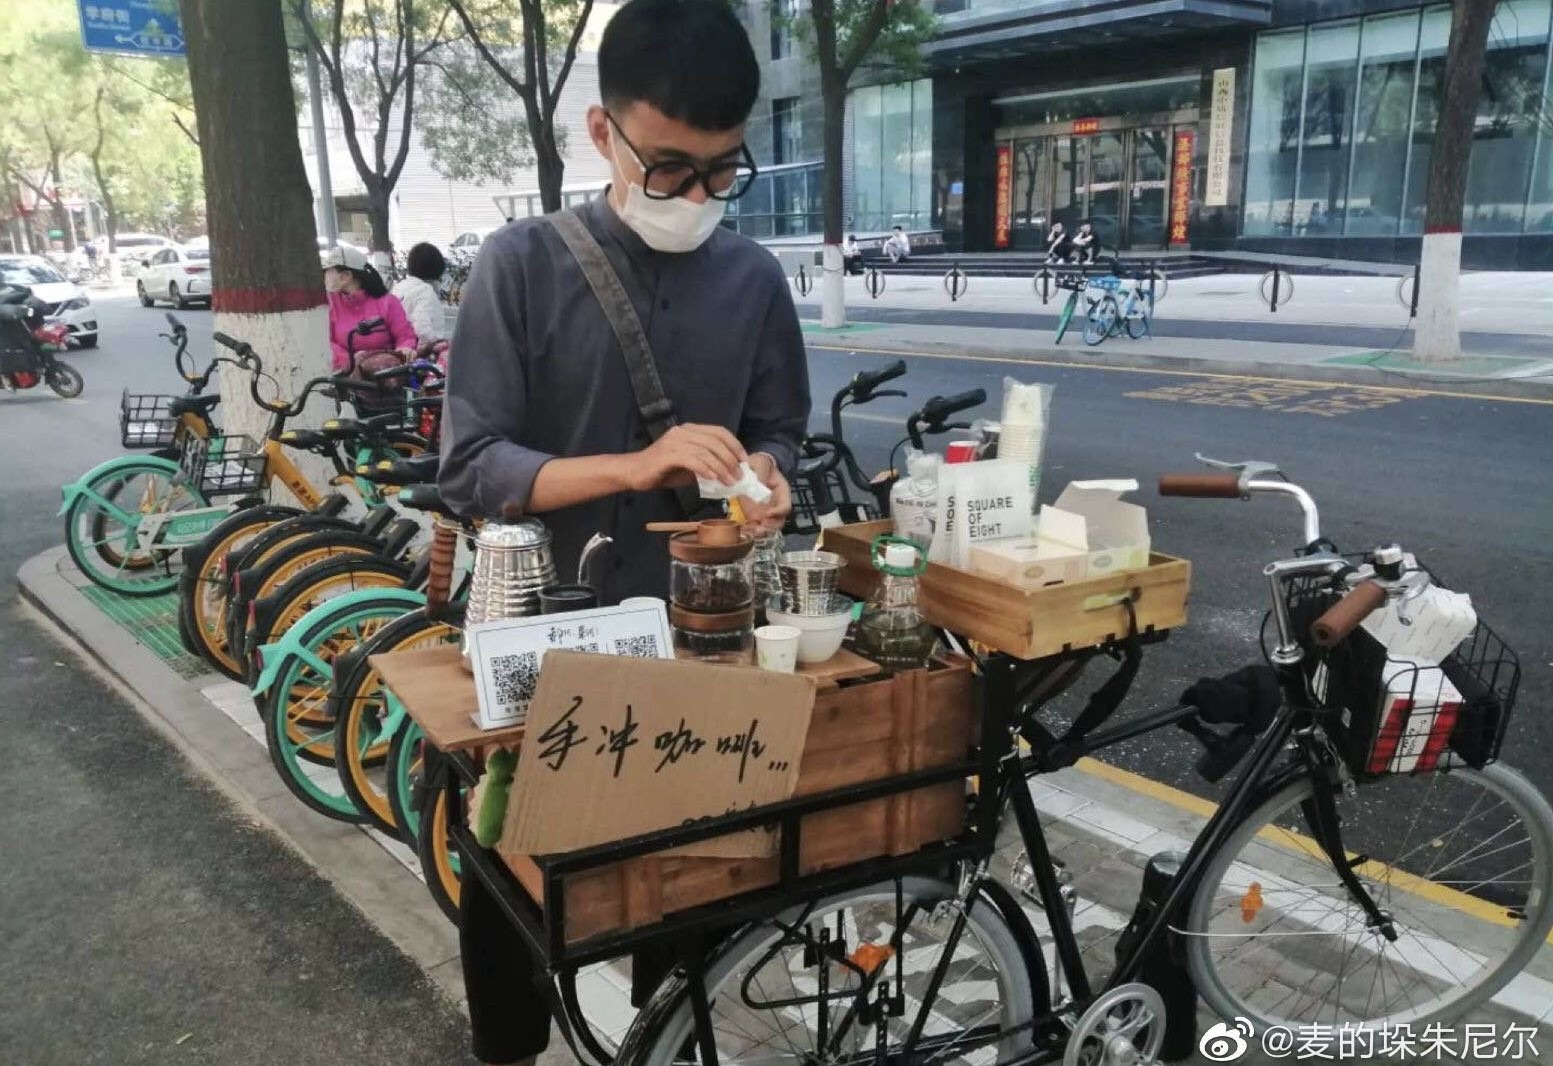 一年轻人在街头摆起了咖啡摊档。(网络图片/乔龙提供)